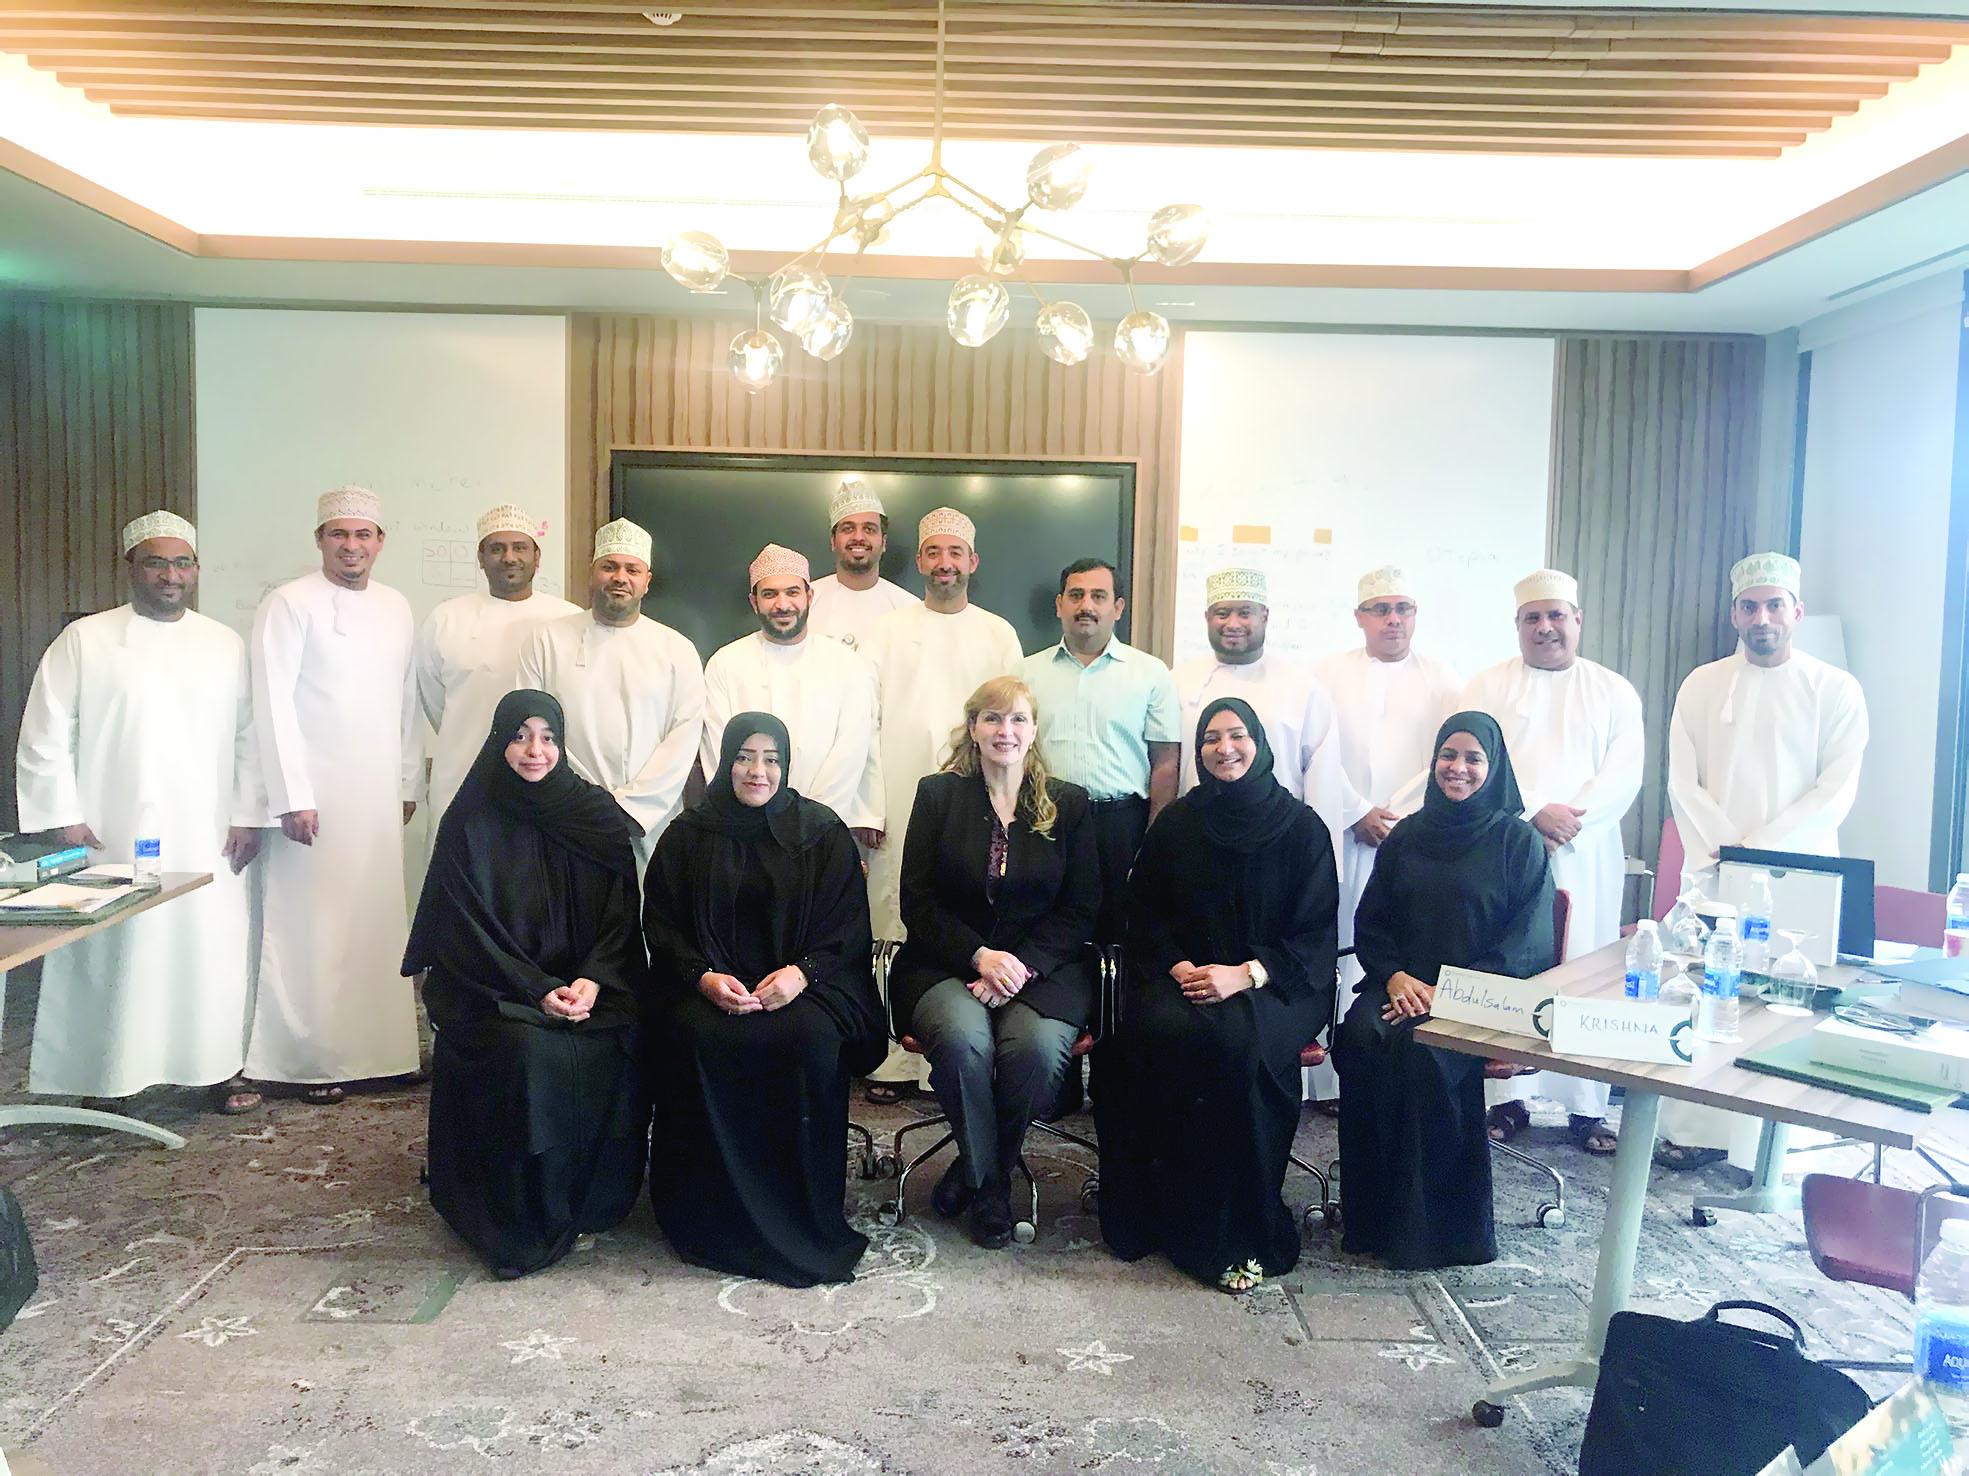 أربع أكاديميات للتدريب في عمانتل ترفد الموظفين بأحدث الممارسات العملية